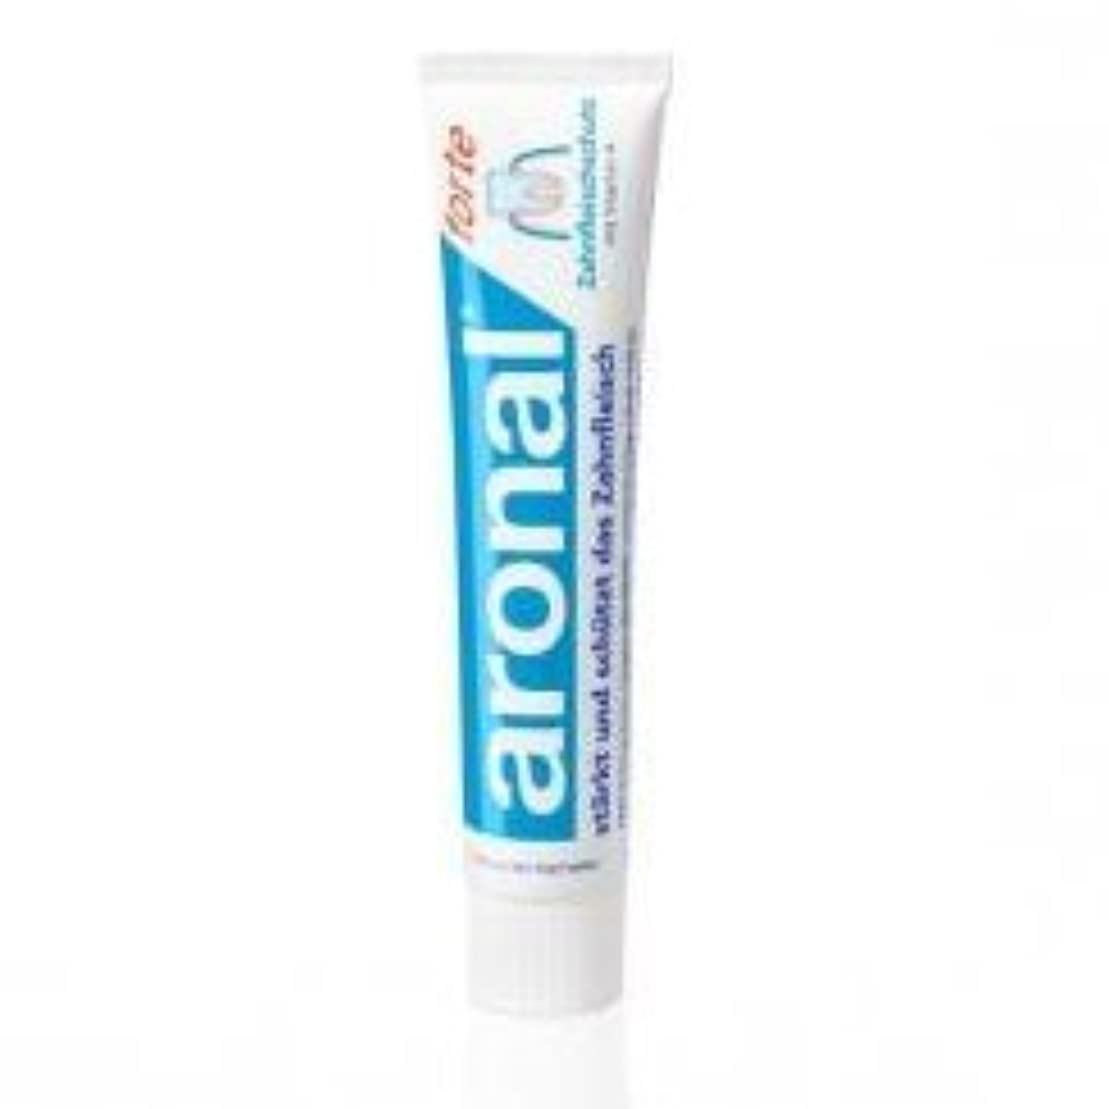 リズムボウル実現可能アロナール(ビタミンA配合) 歯磨き粉 75ml x 1Pack (elmex aronal toothpaste 75ml) 【並行輸入品】